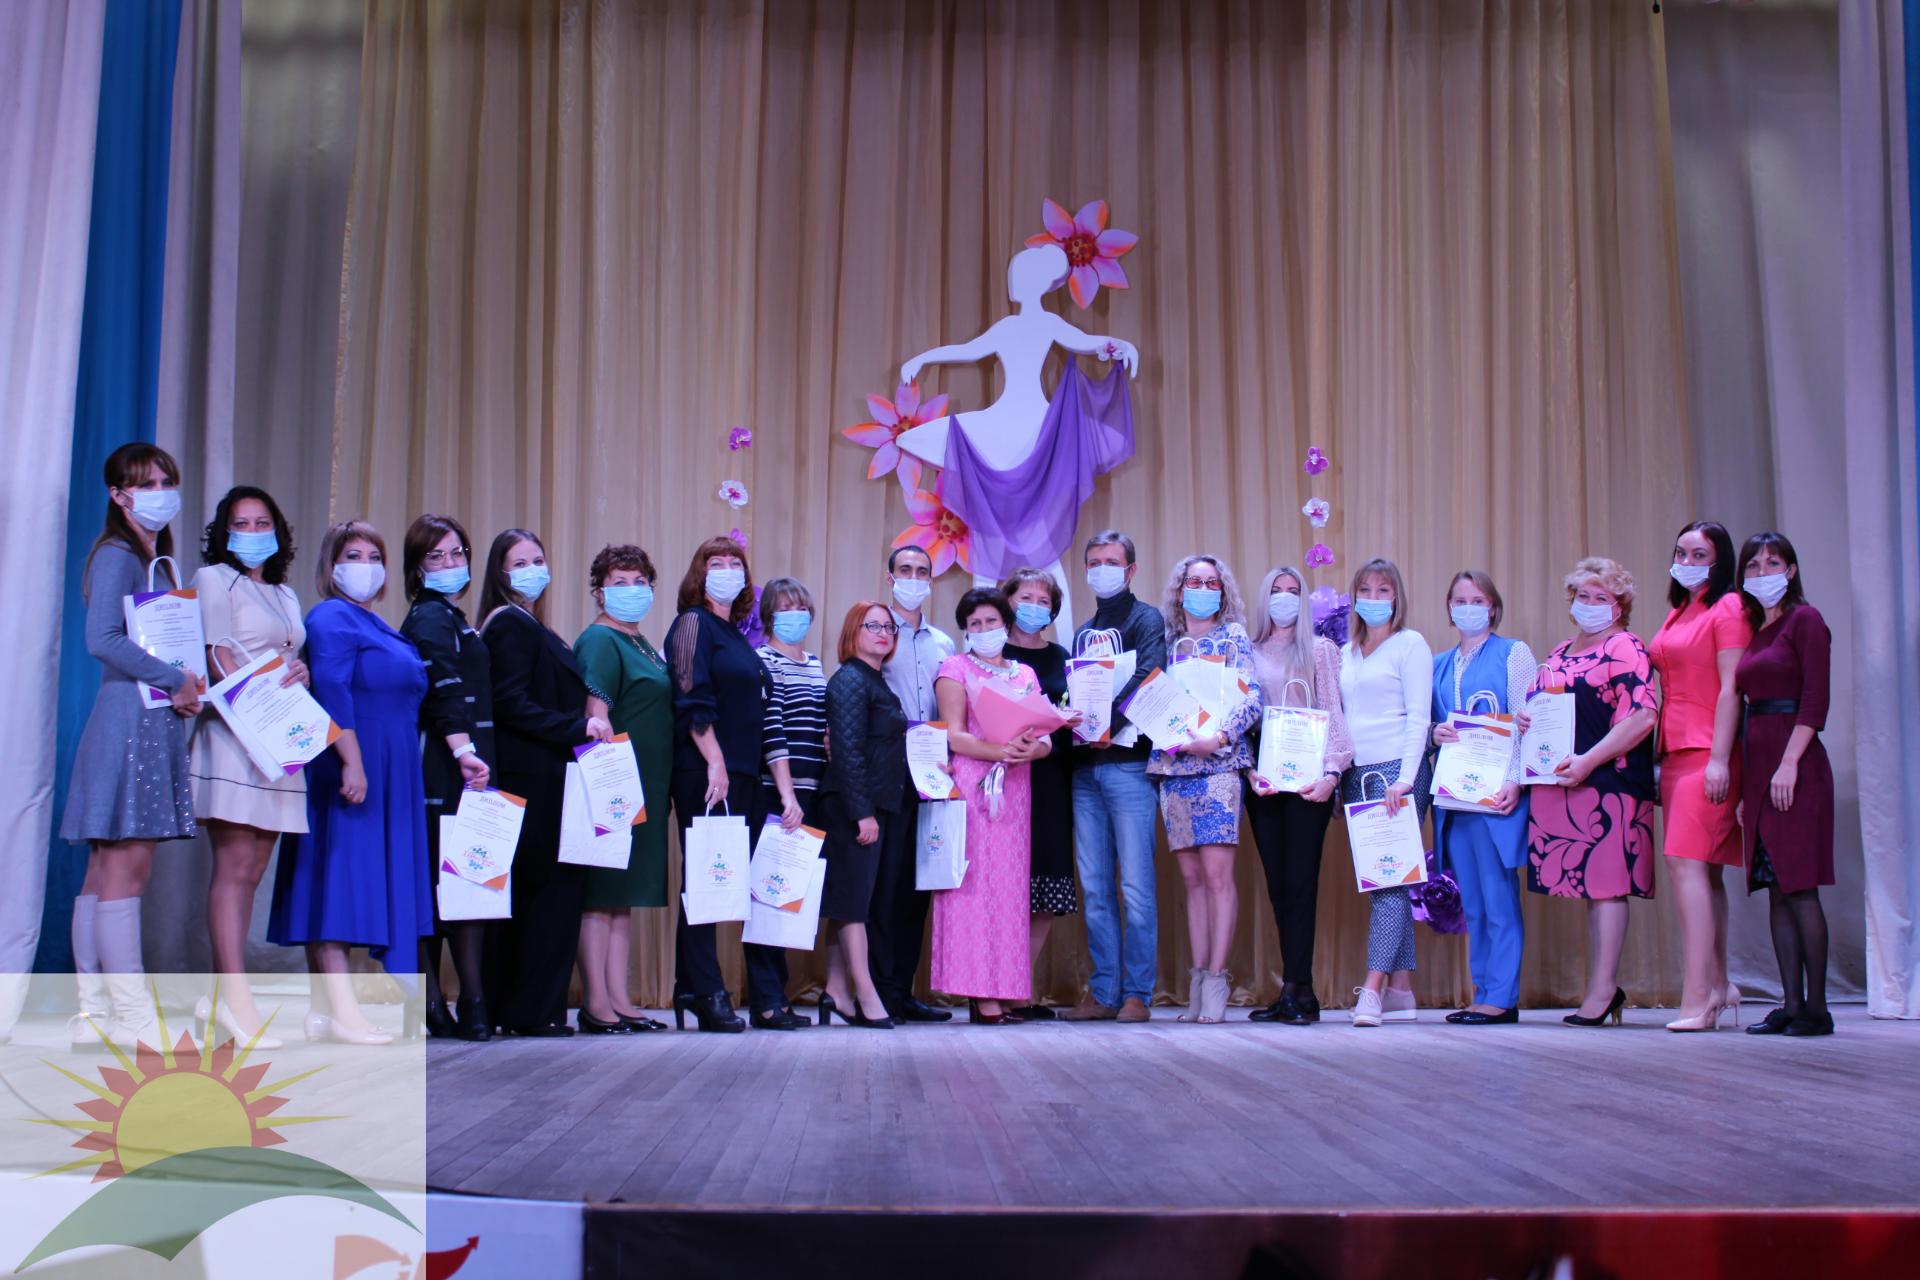 23 октября в Абинском КДЦ прошло торжественное подведение итогов районного фестиваля хореографического искусства «Хоровод друзей»